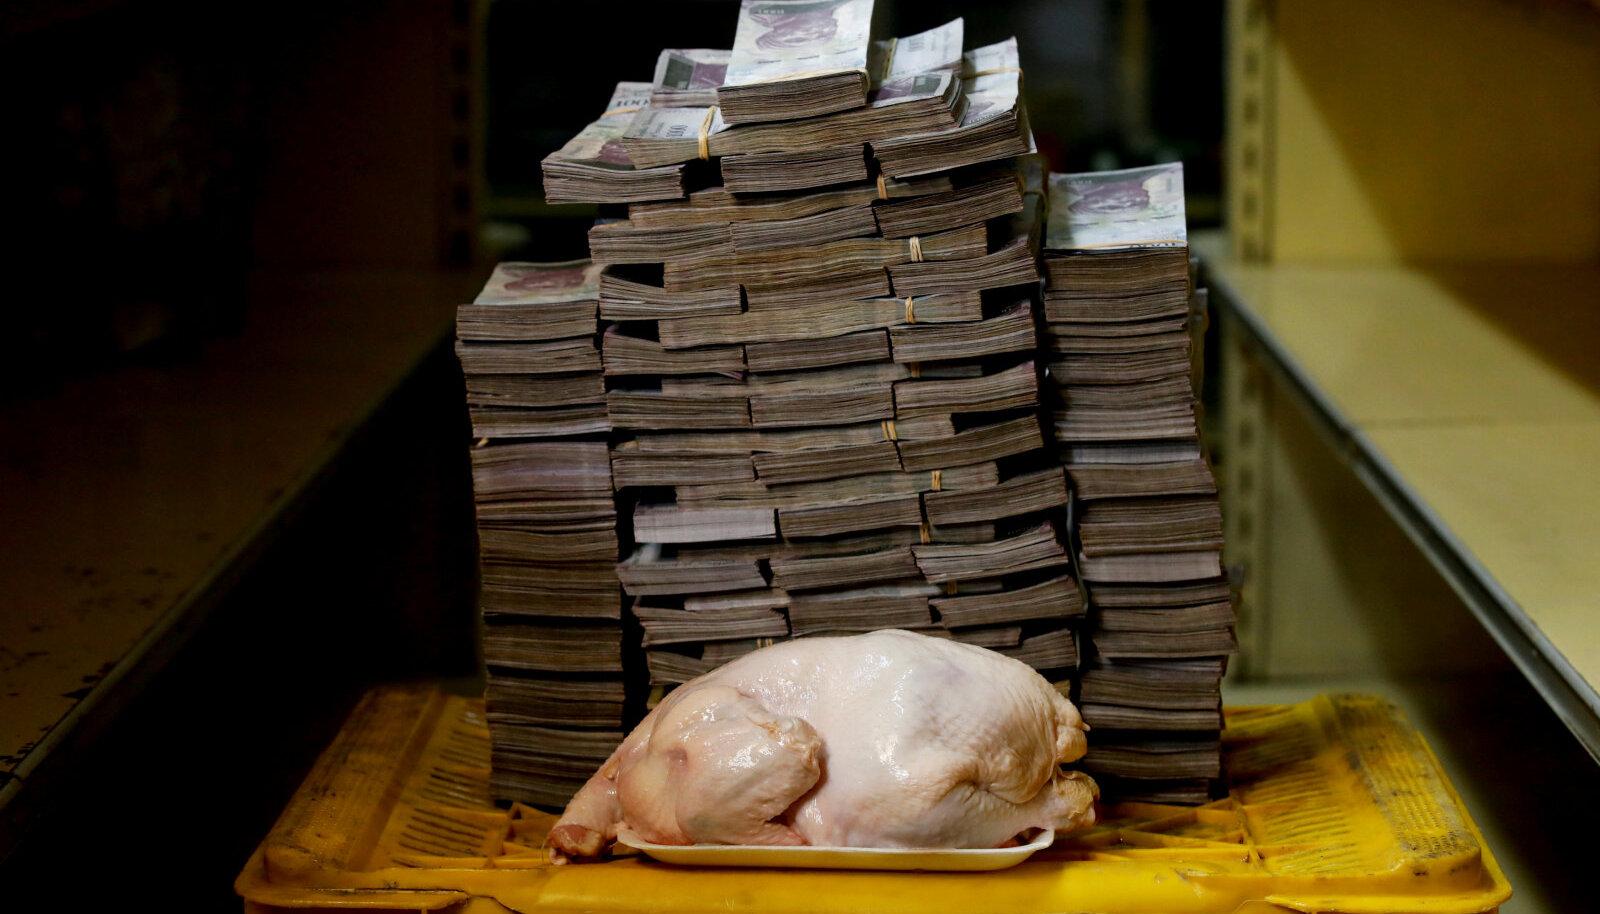 Nii palju Venezuela raha pidi läinud aastal välja käima 2,4 kilogrammise kana eest